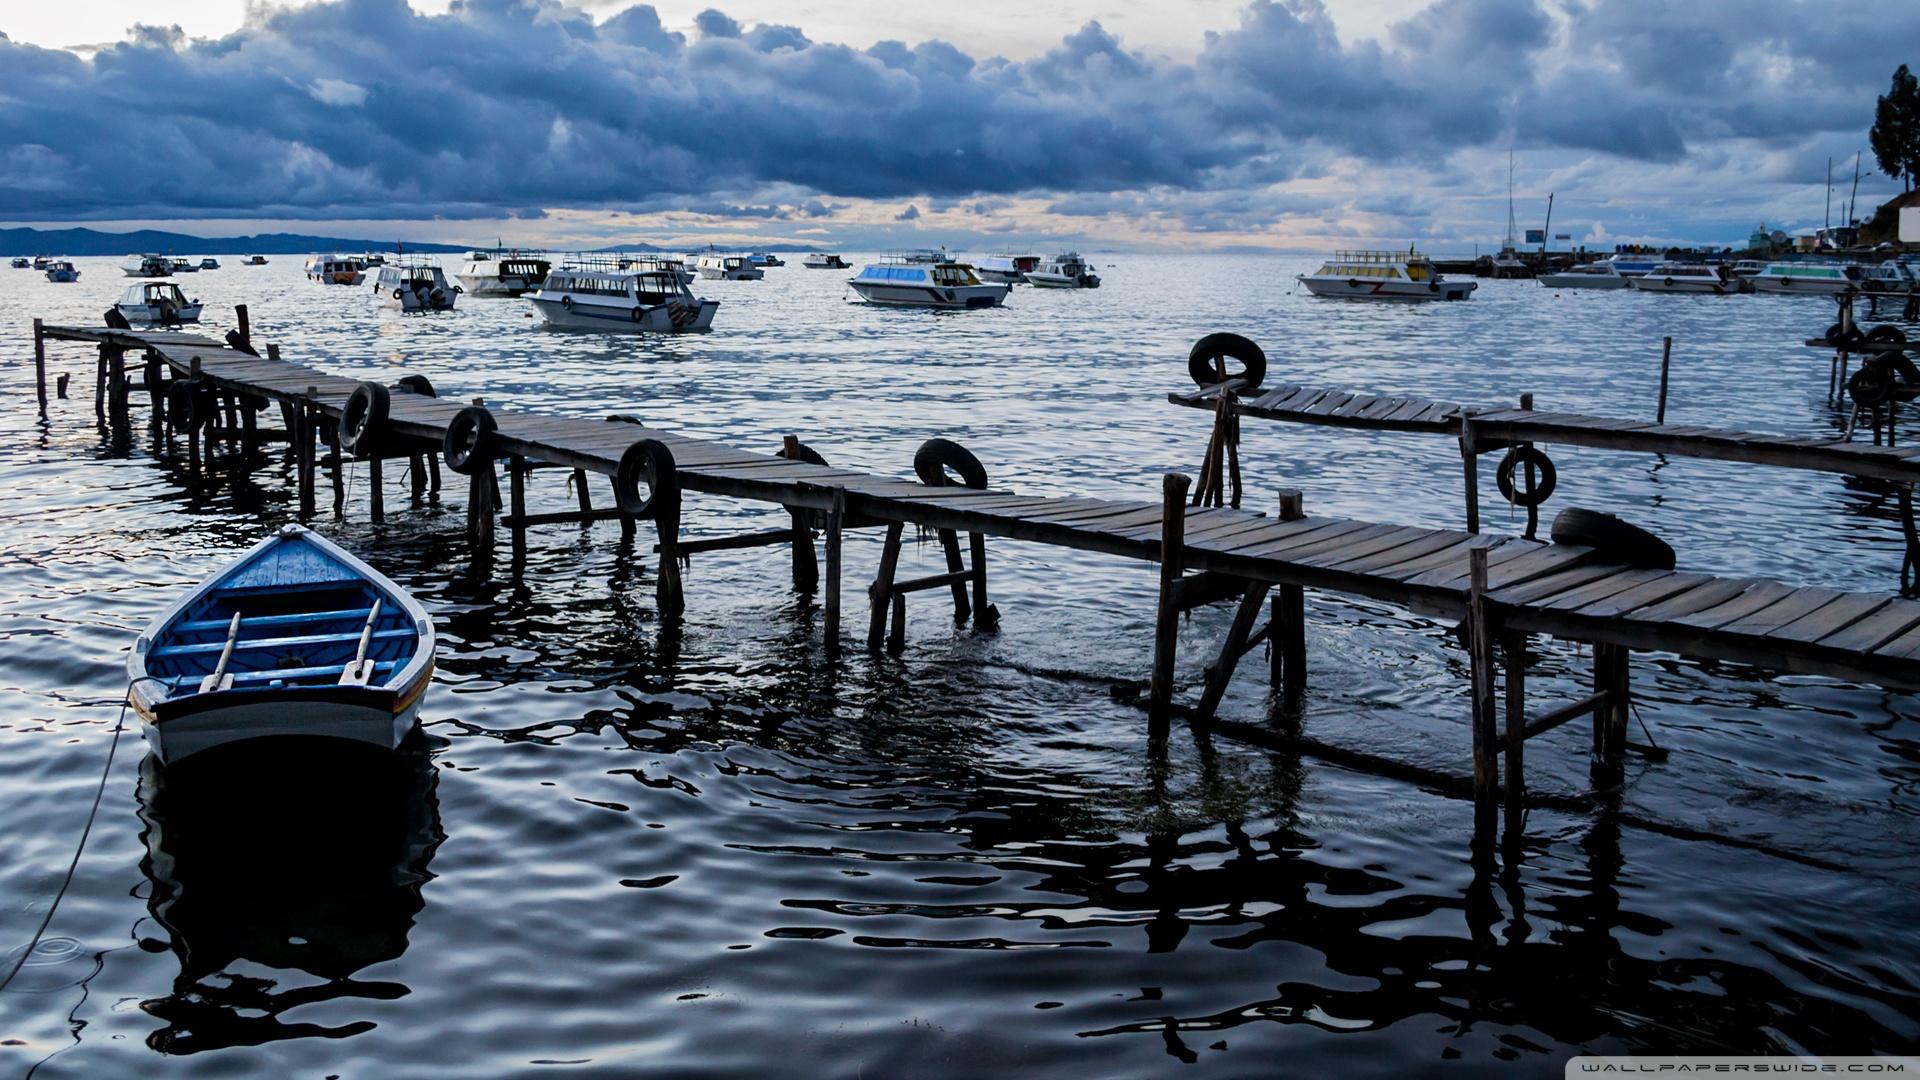 Copacabana Port HD Bolivia 4K HD Desktop Wallpaper for 4K 1920x1080